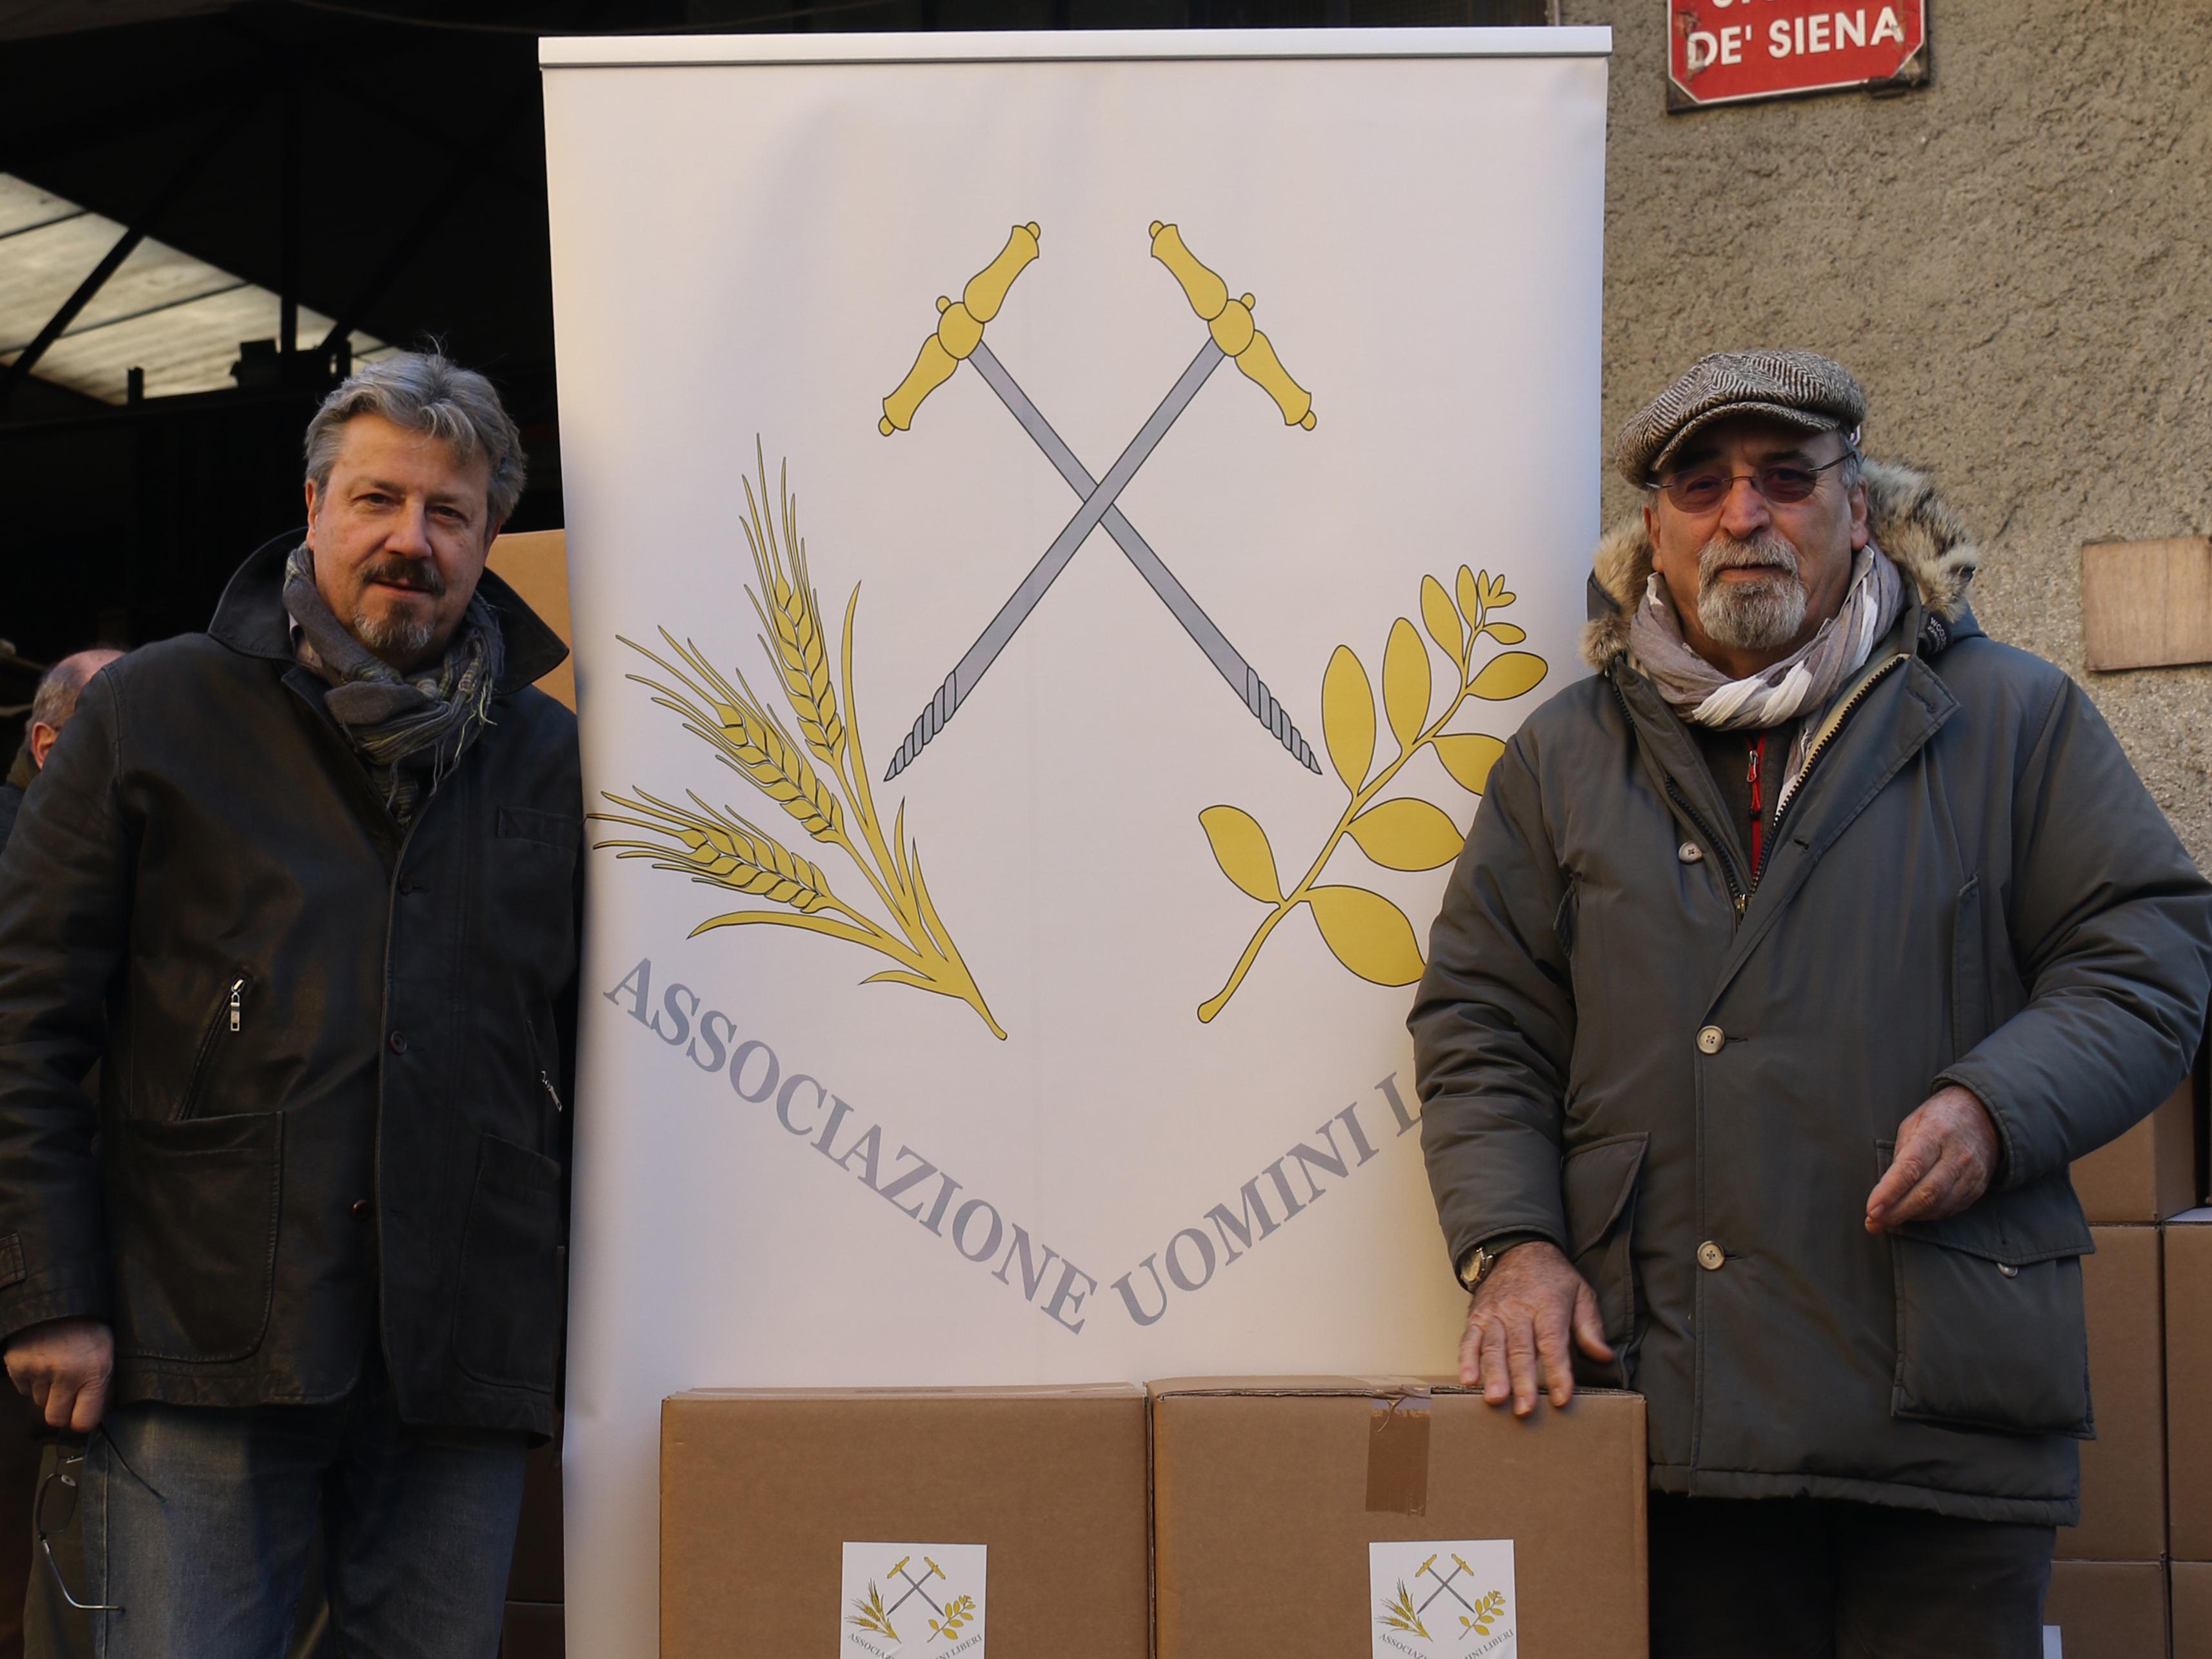 15/12/2018 Quaranta quintali di pacchi natalizi alle famiglie in difficoltà grazie alla R∴L∴ Fratellanza e Progresso all'Or∴ di Modena